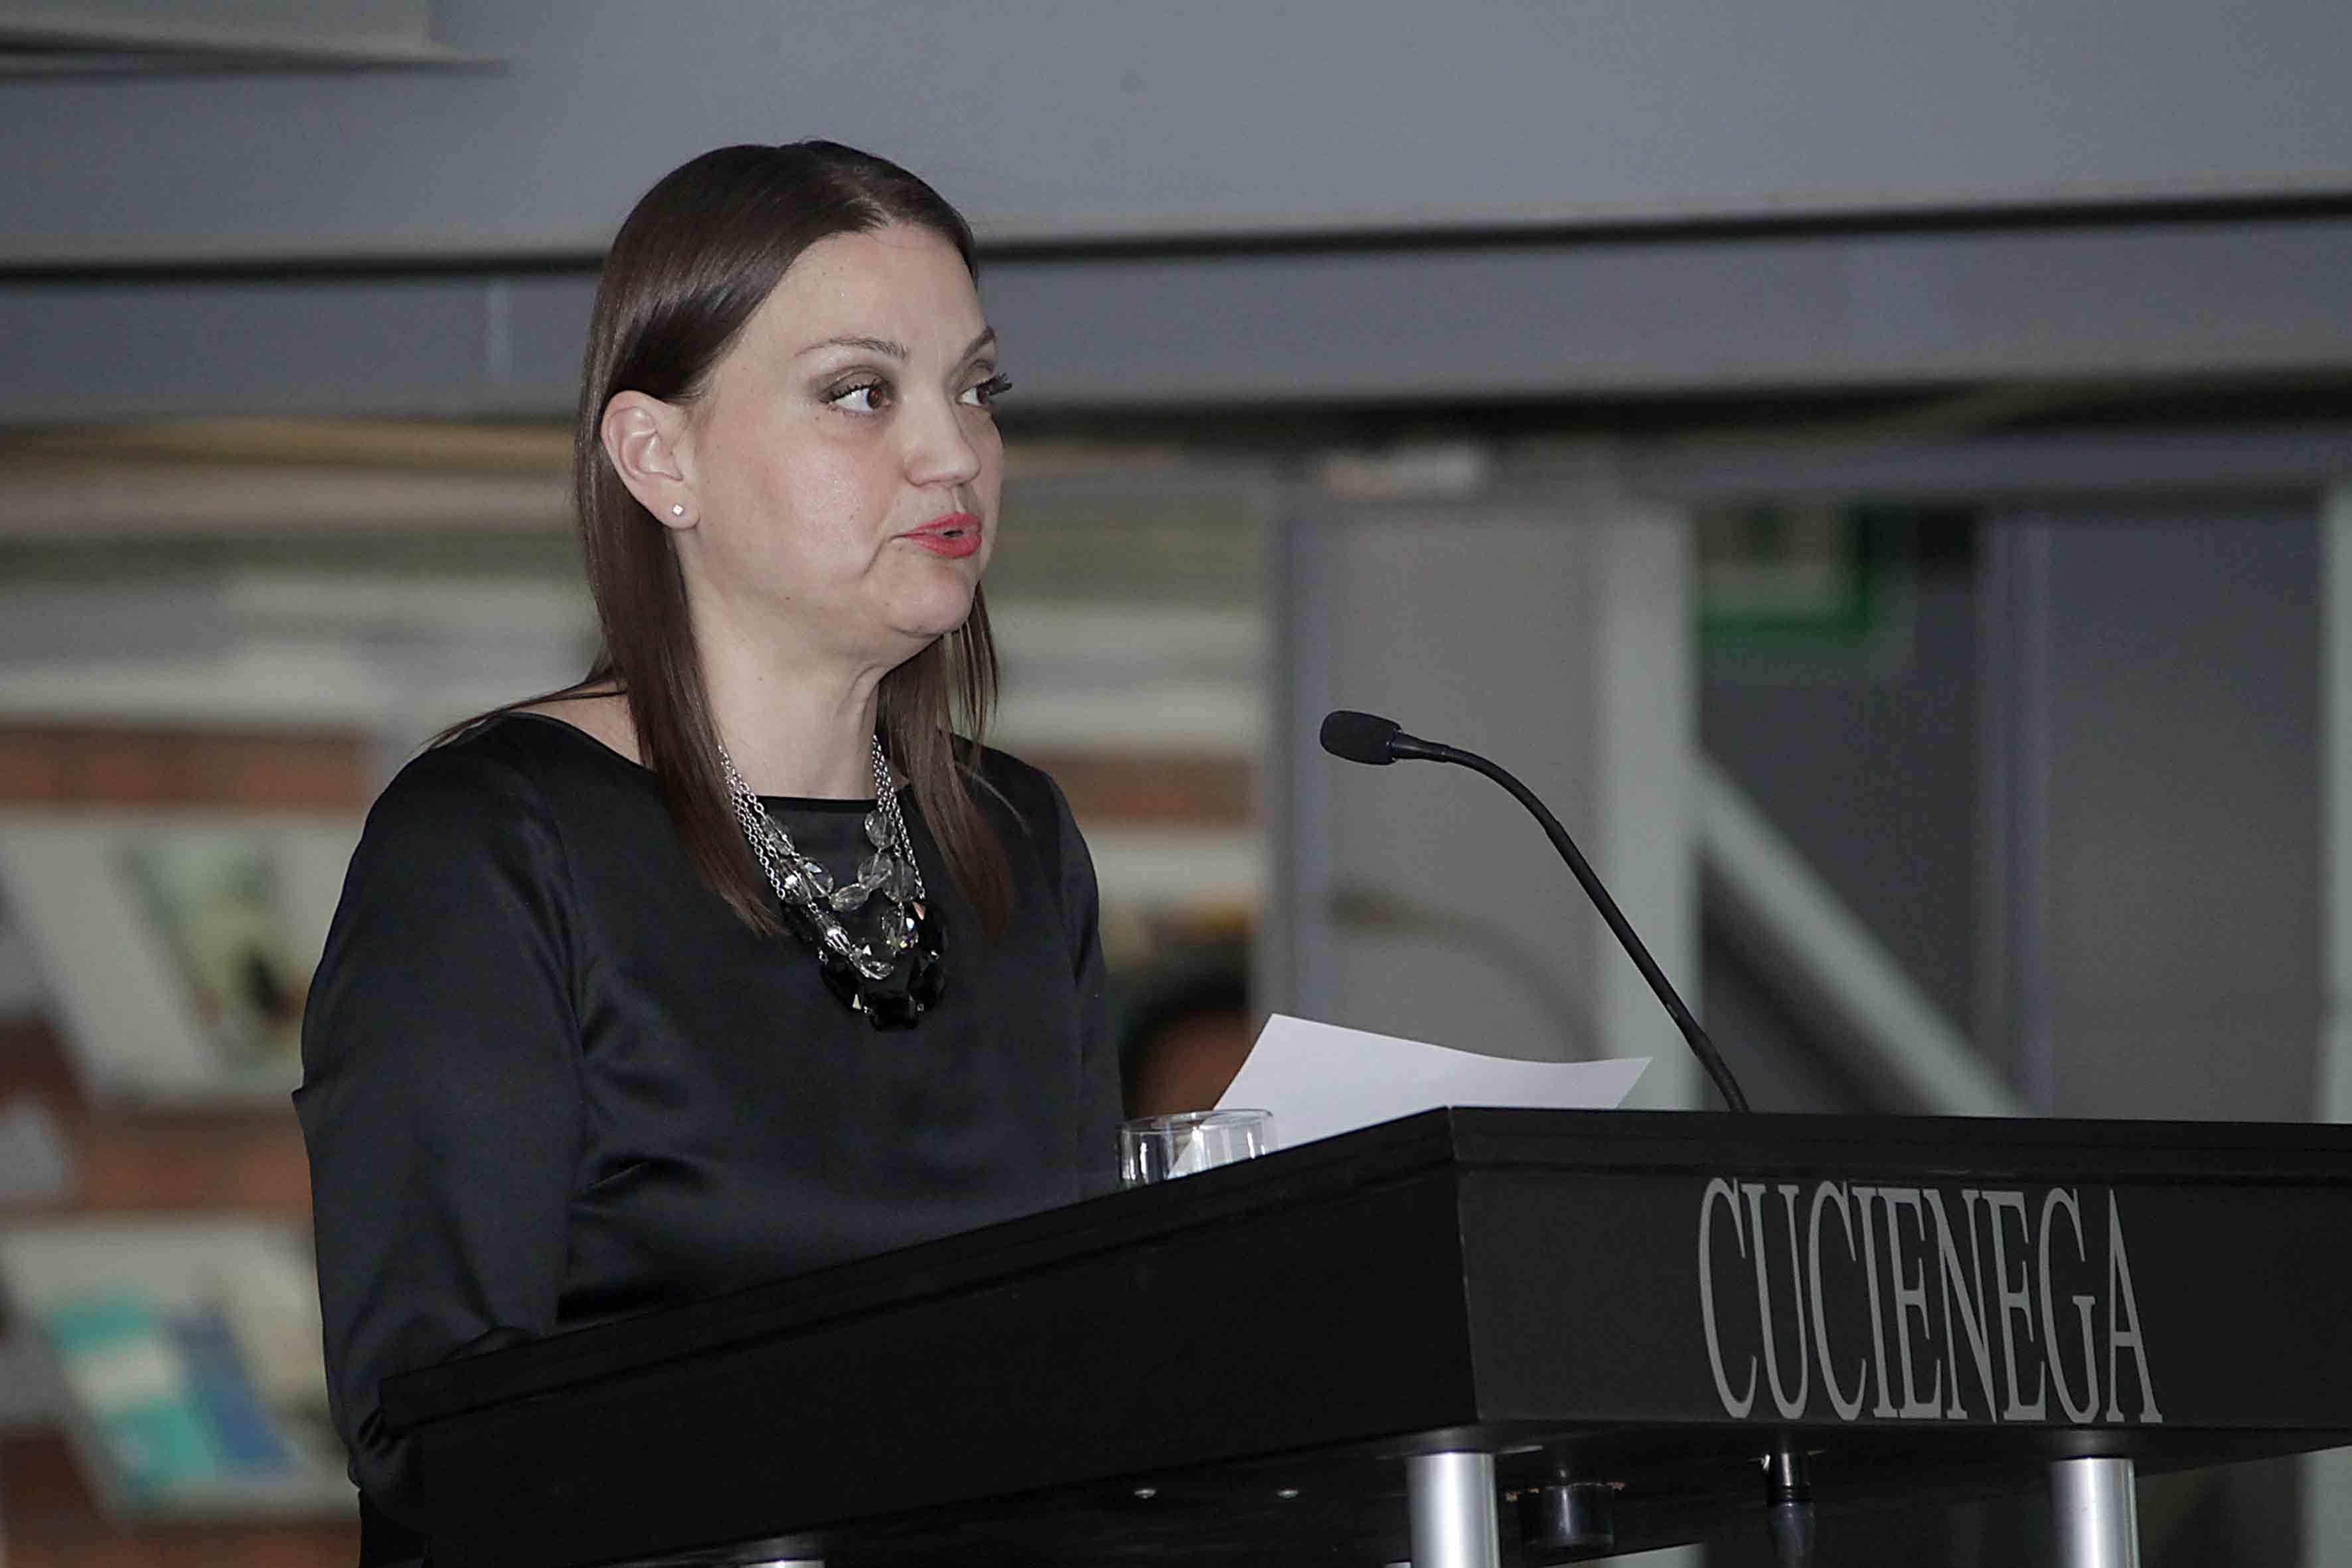 Palabras de la maestra María Felícitas Parga Jiménez en su segundo informe de actividades como Rectora del CUCiénega.